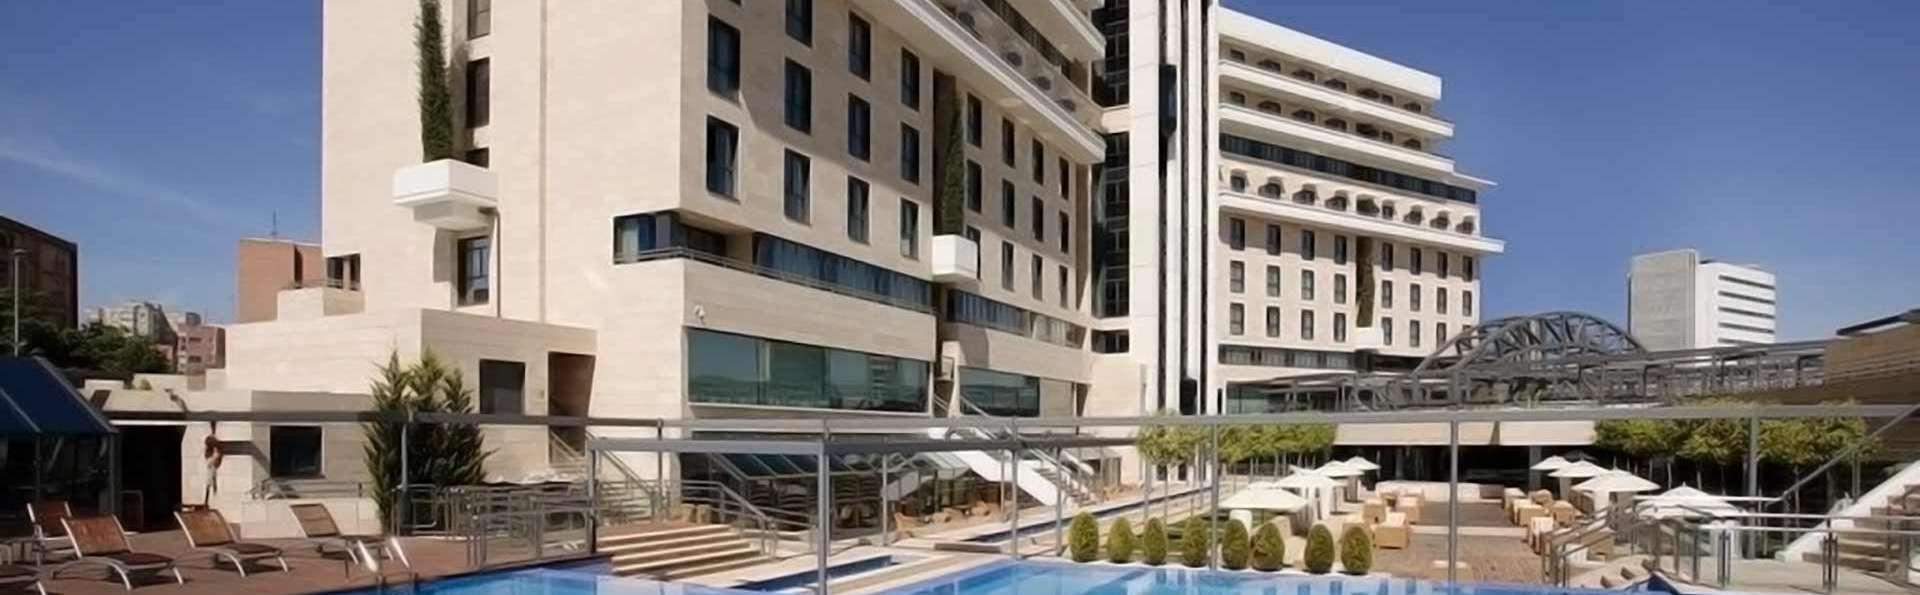 Escapada con desayuno incluido en un lujoso hotel cerca del centro de Murcia